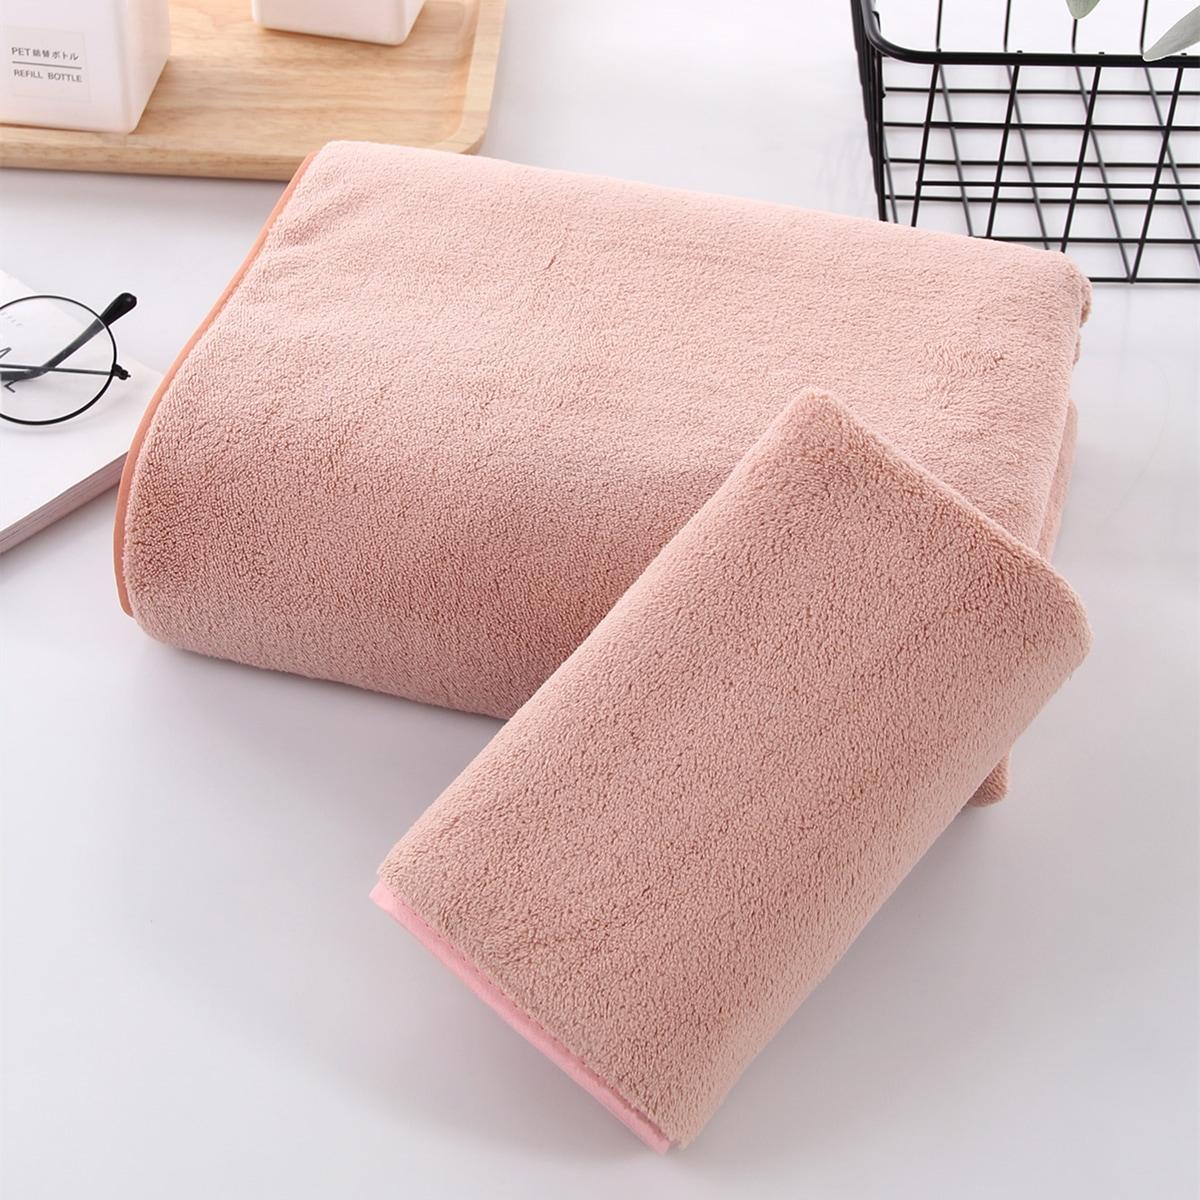 2pcs Solid Color Towel Set